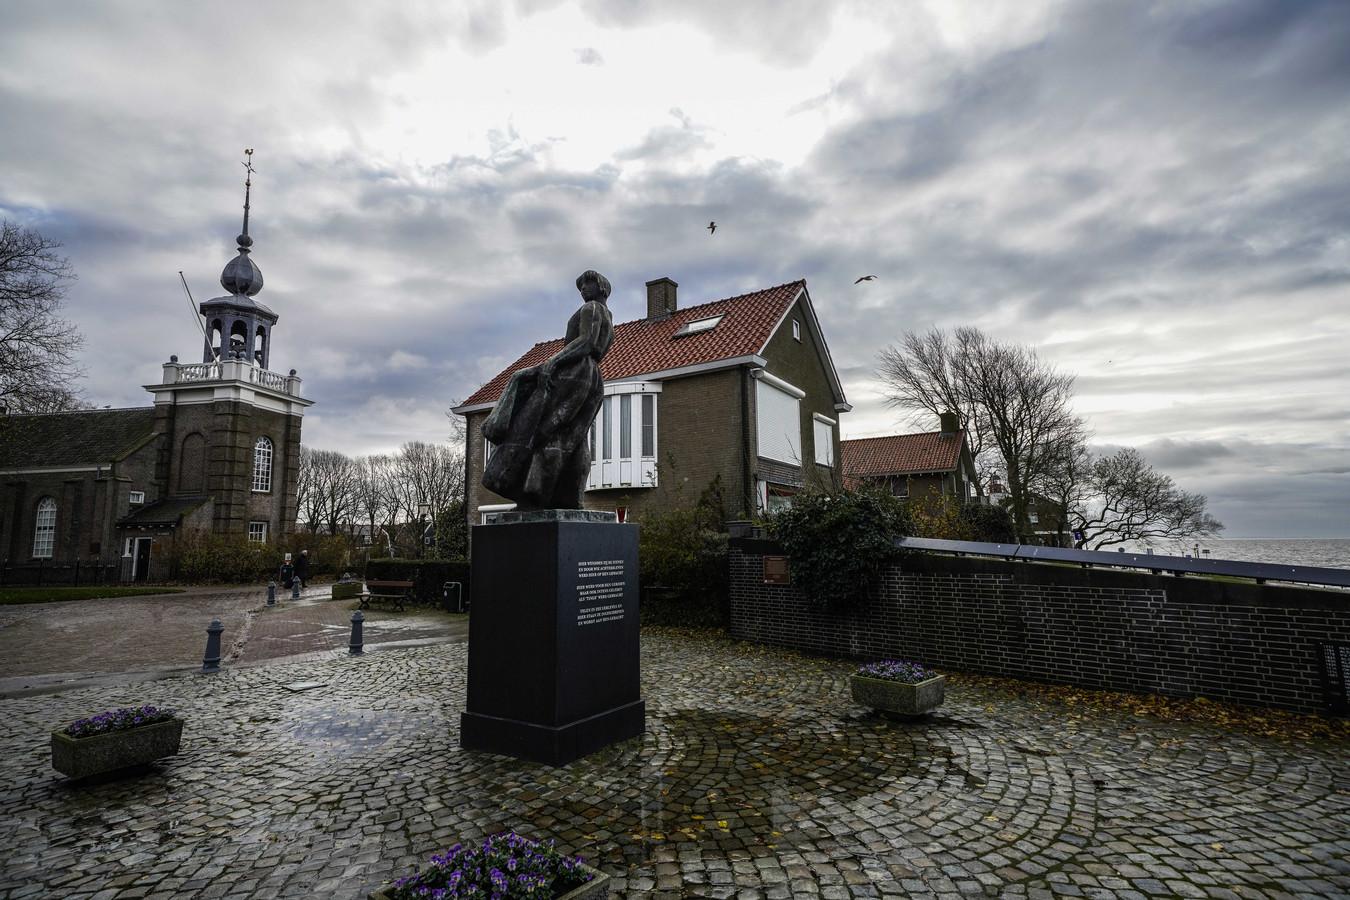 Het Urker vissersmonument aan de rand van het IJsselmeer. Uit het dorp wordt een kotter vermist.